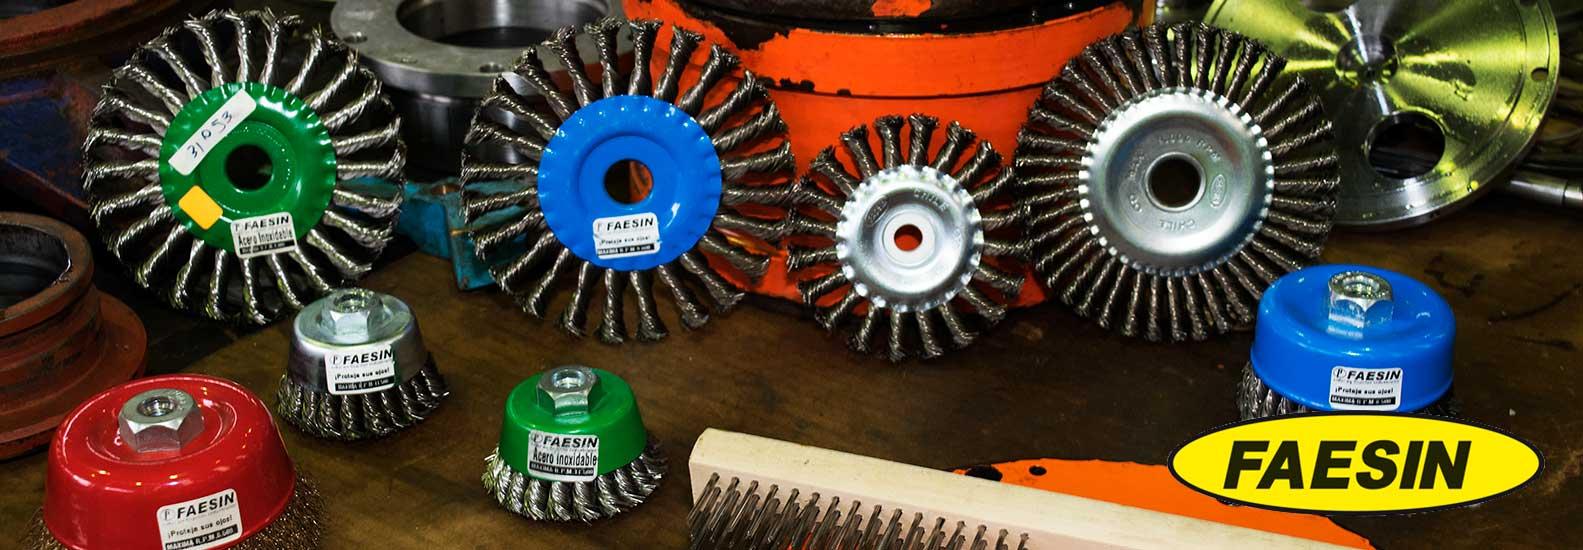 FAESIN – Fabricante Alemán Líder de Cepillos Industriales